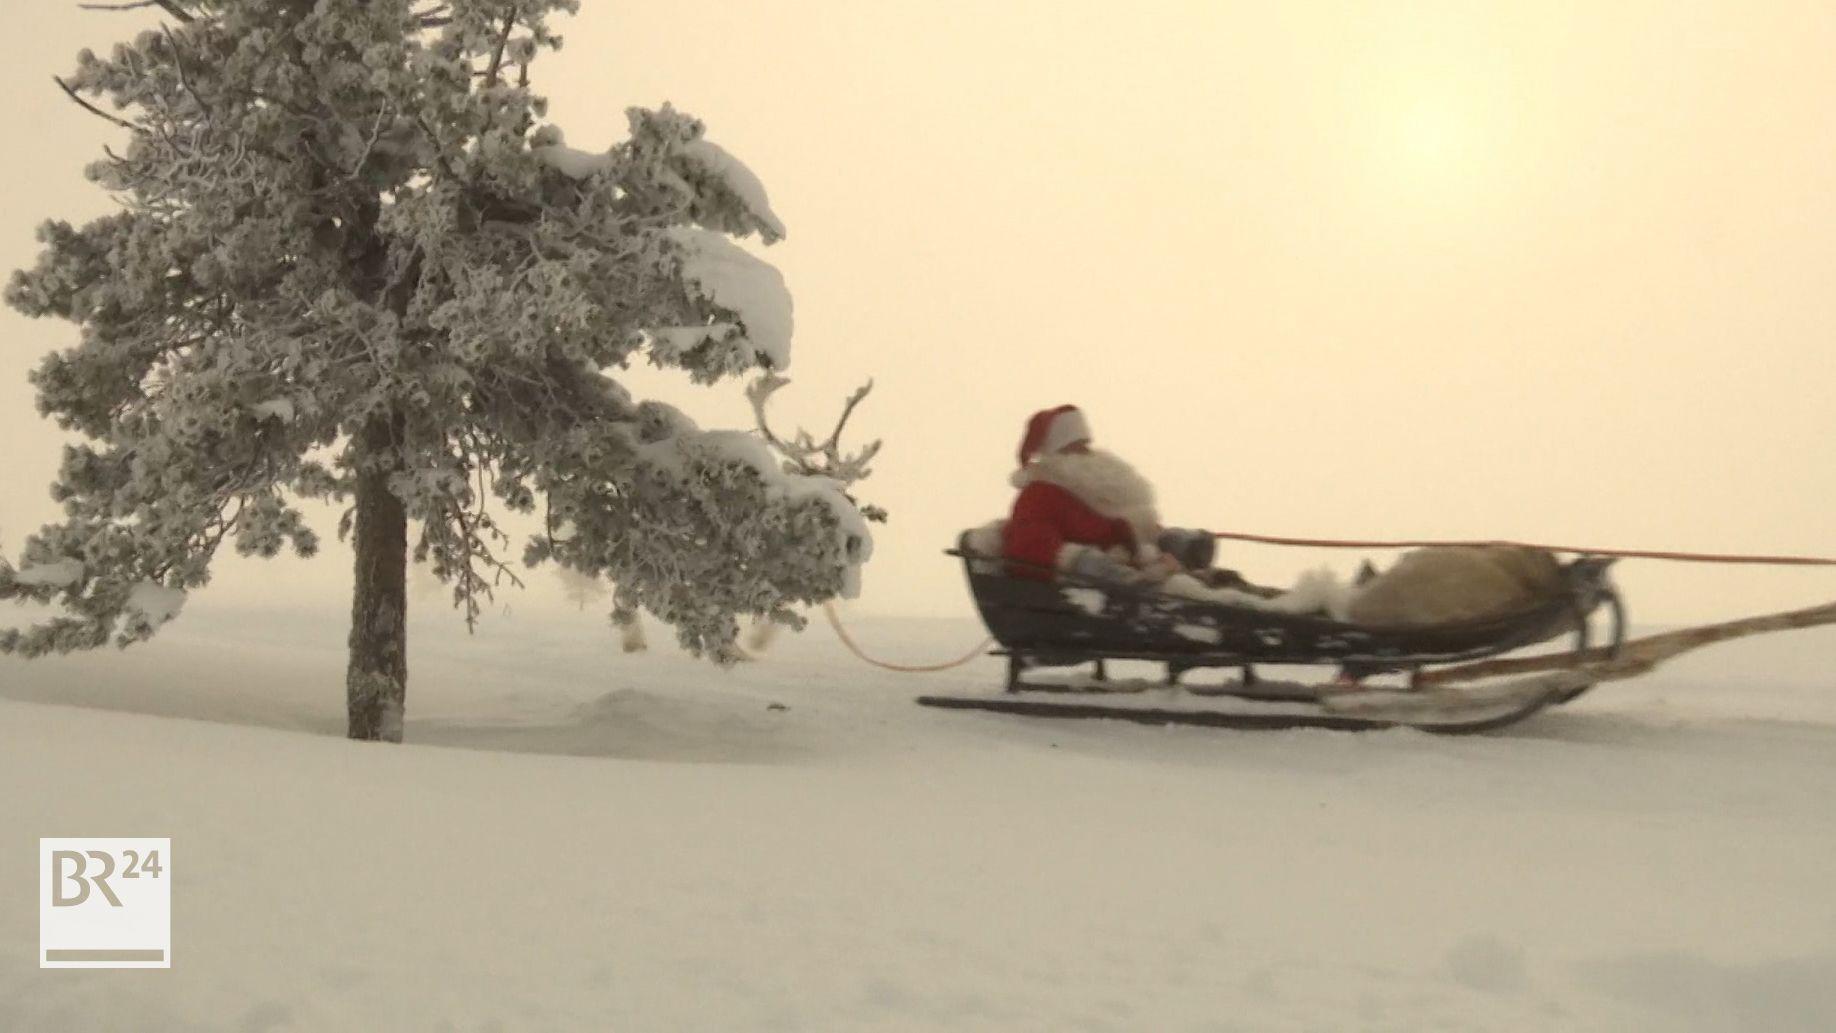 Weihnachtsmann auf dem Weg